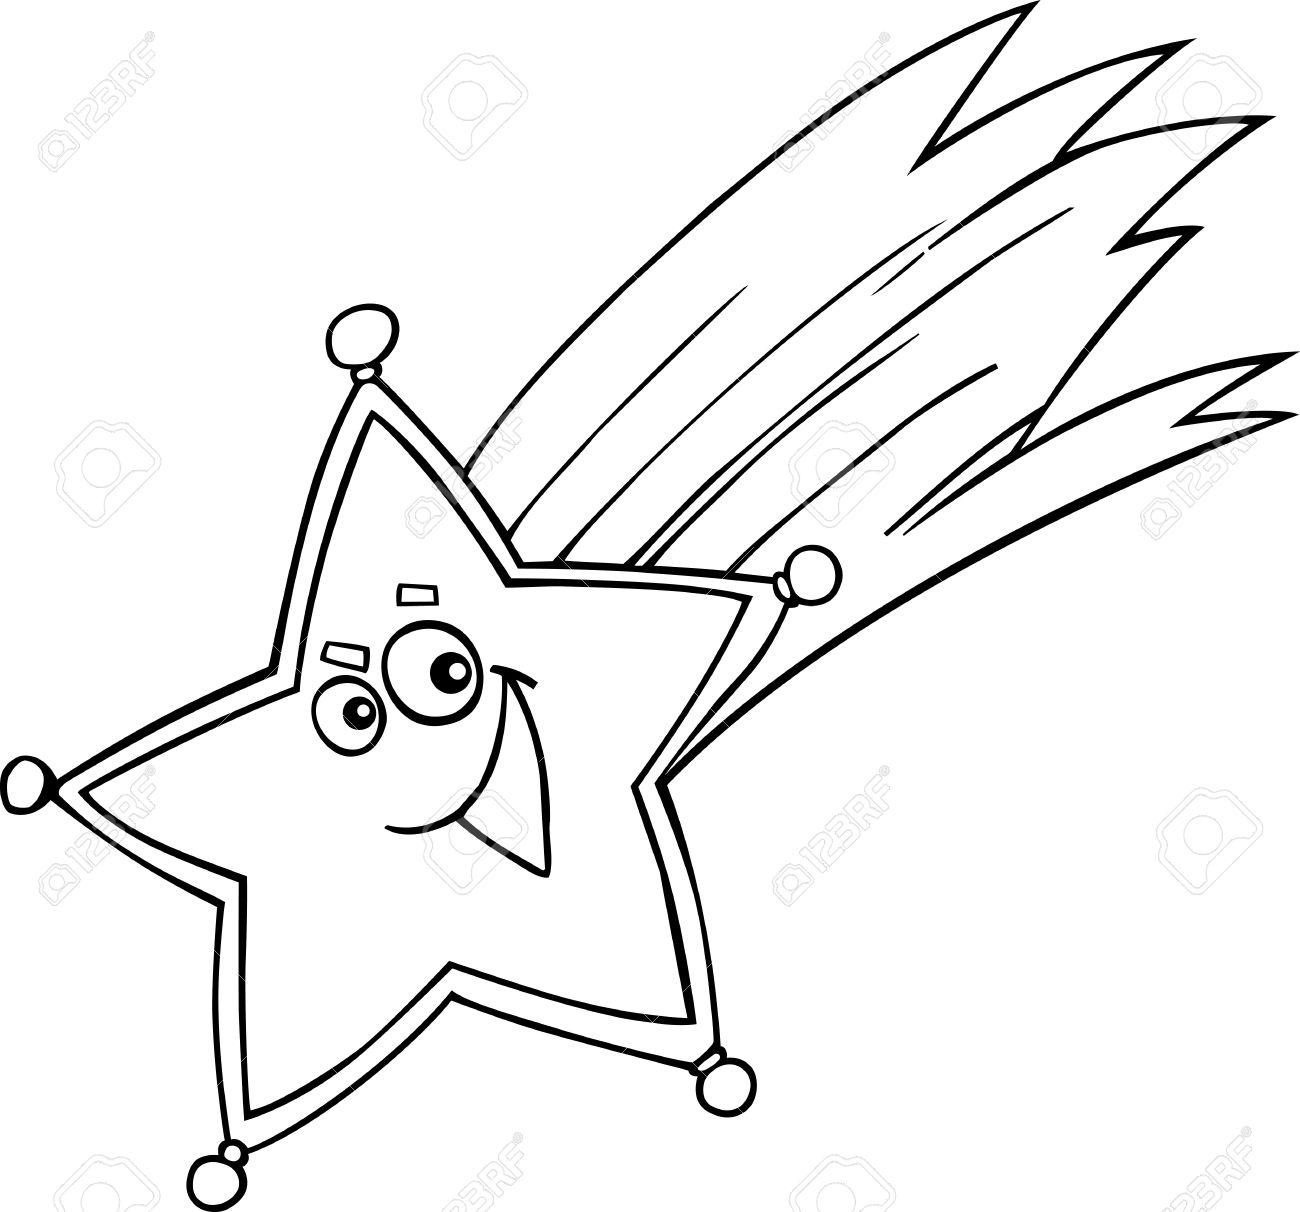 Ilustración De Dibujos Animados De Navidad Estrella De Libro Para Colorear O Página